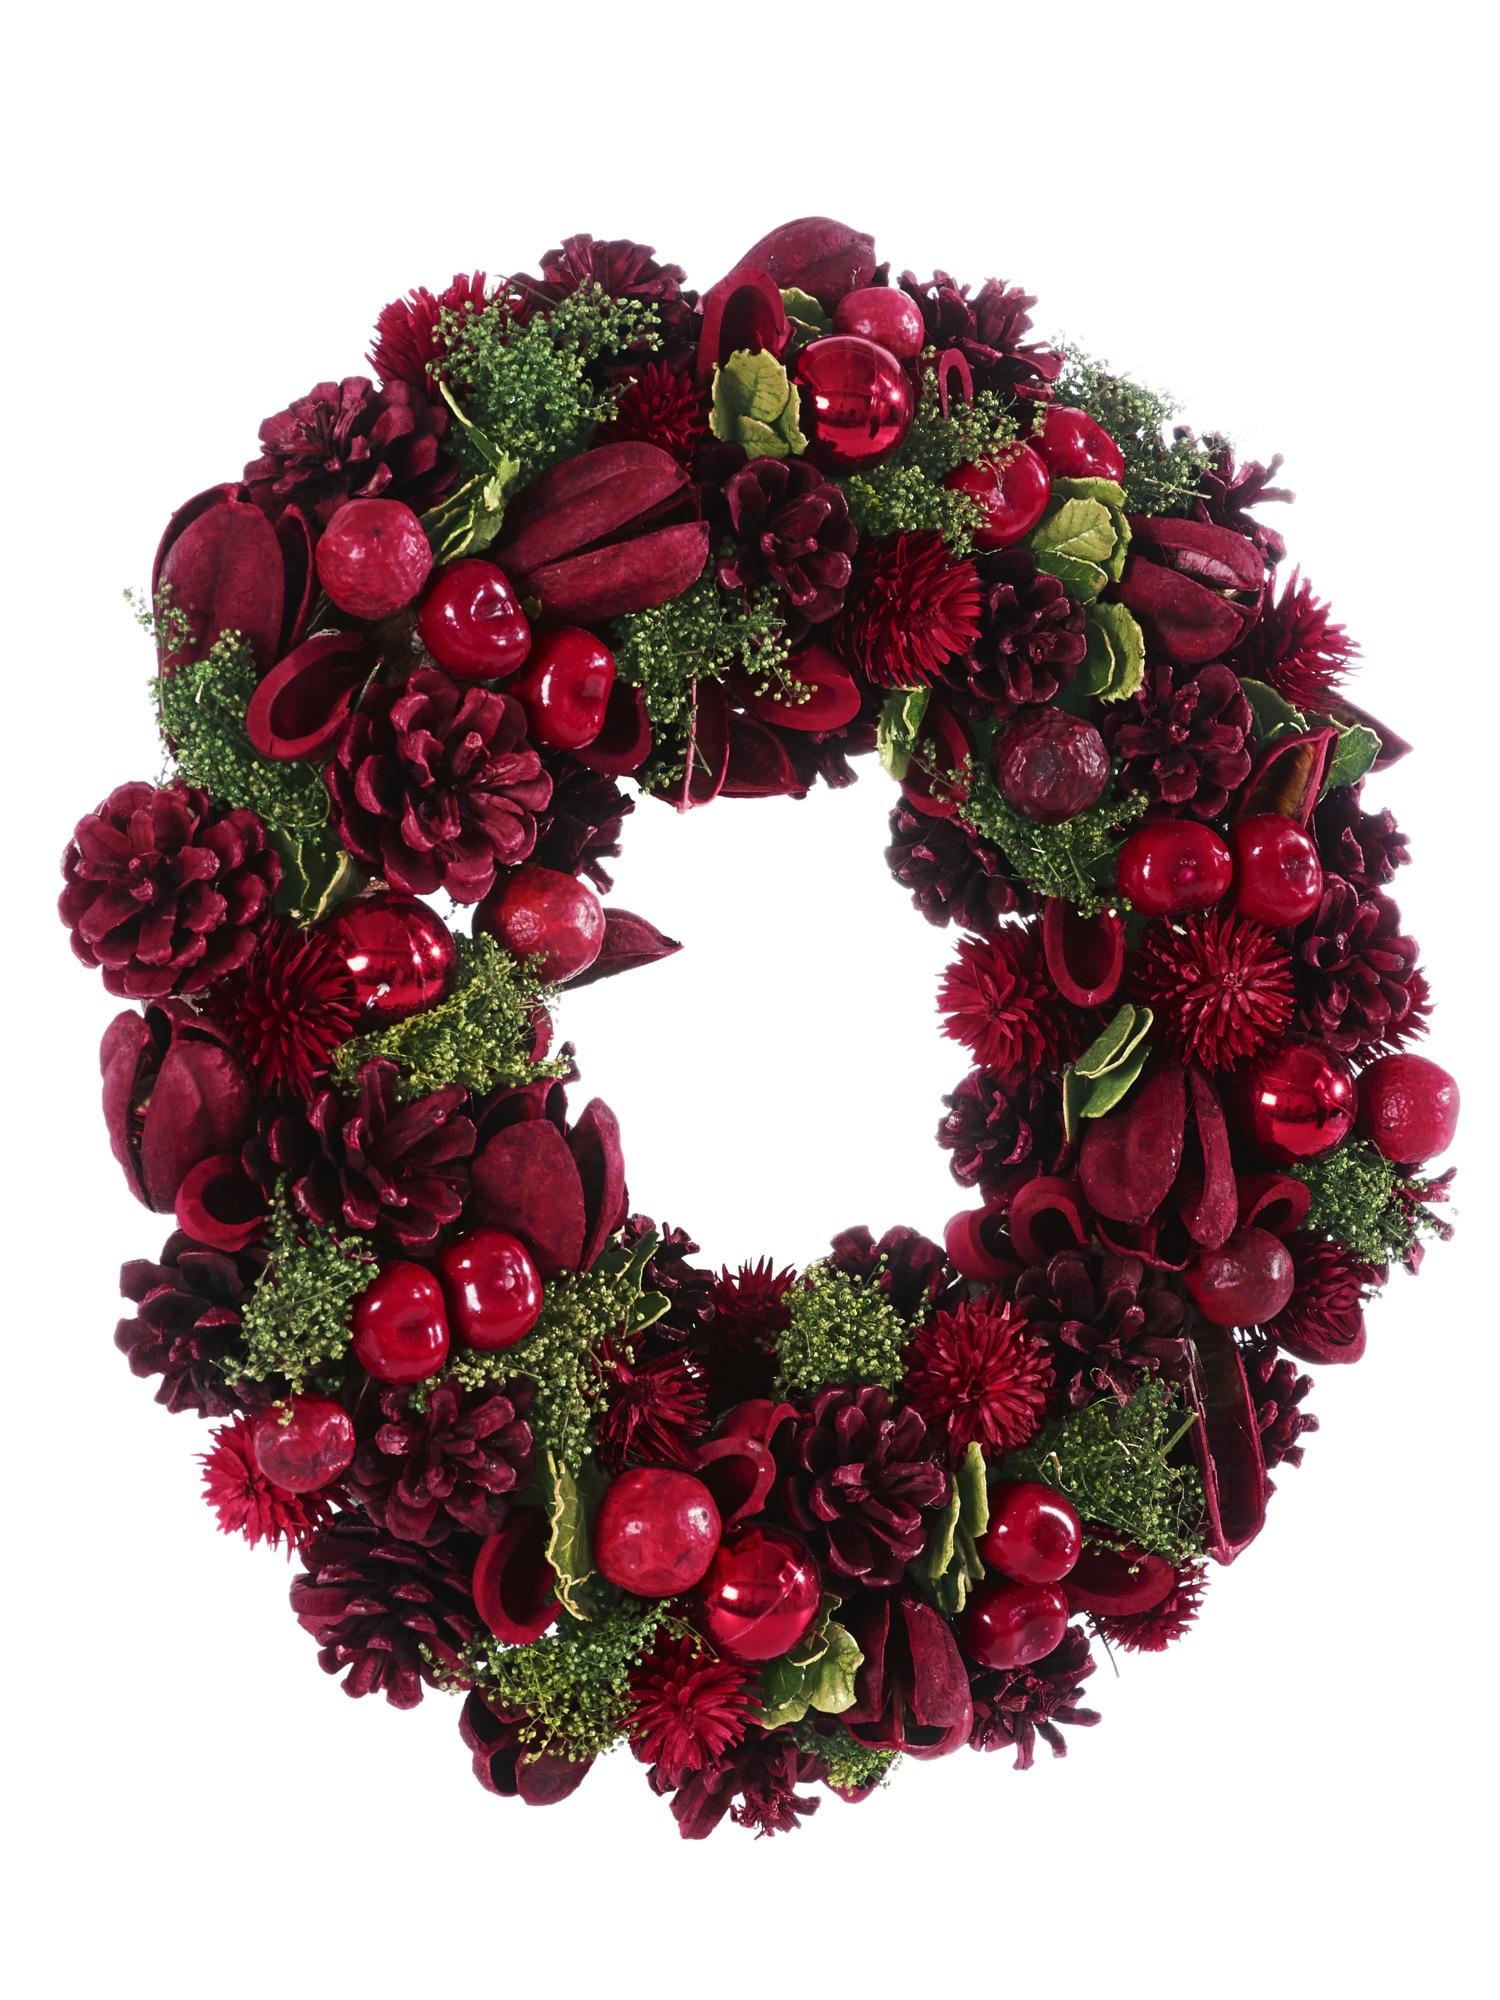 Weihnachtsdeko Bei Heine.Heine Home Dekokranz Weihnachten Online Bestellen Baur